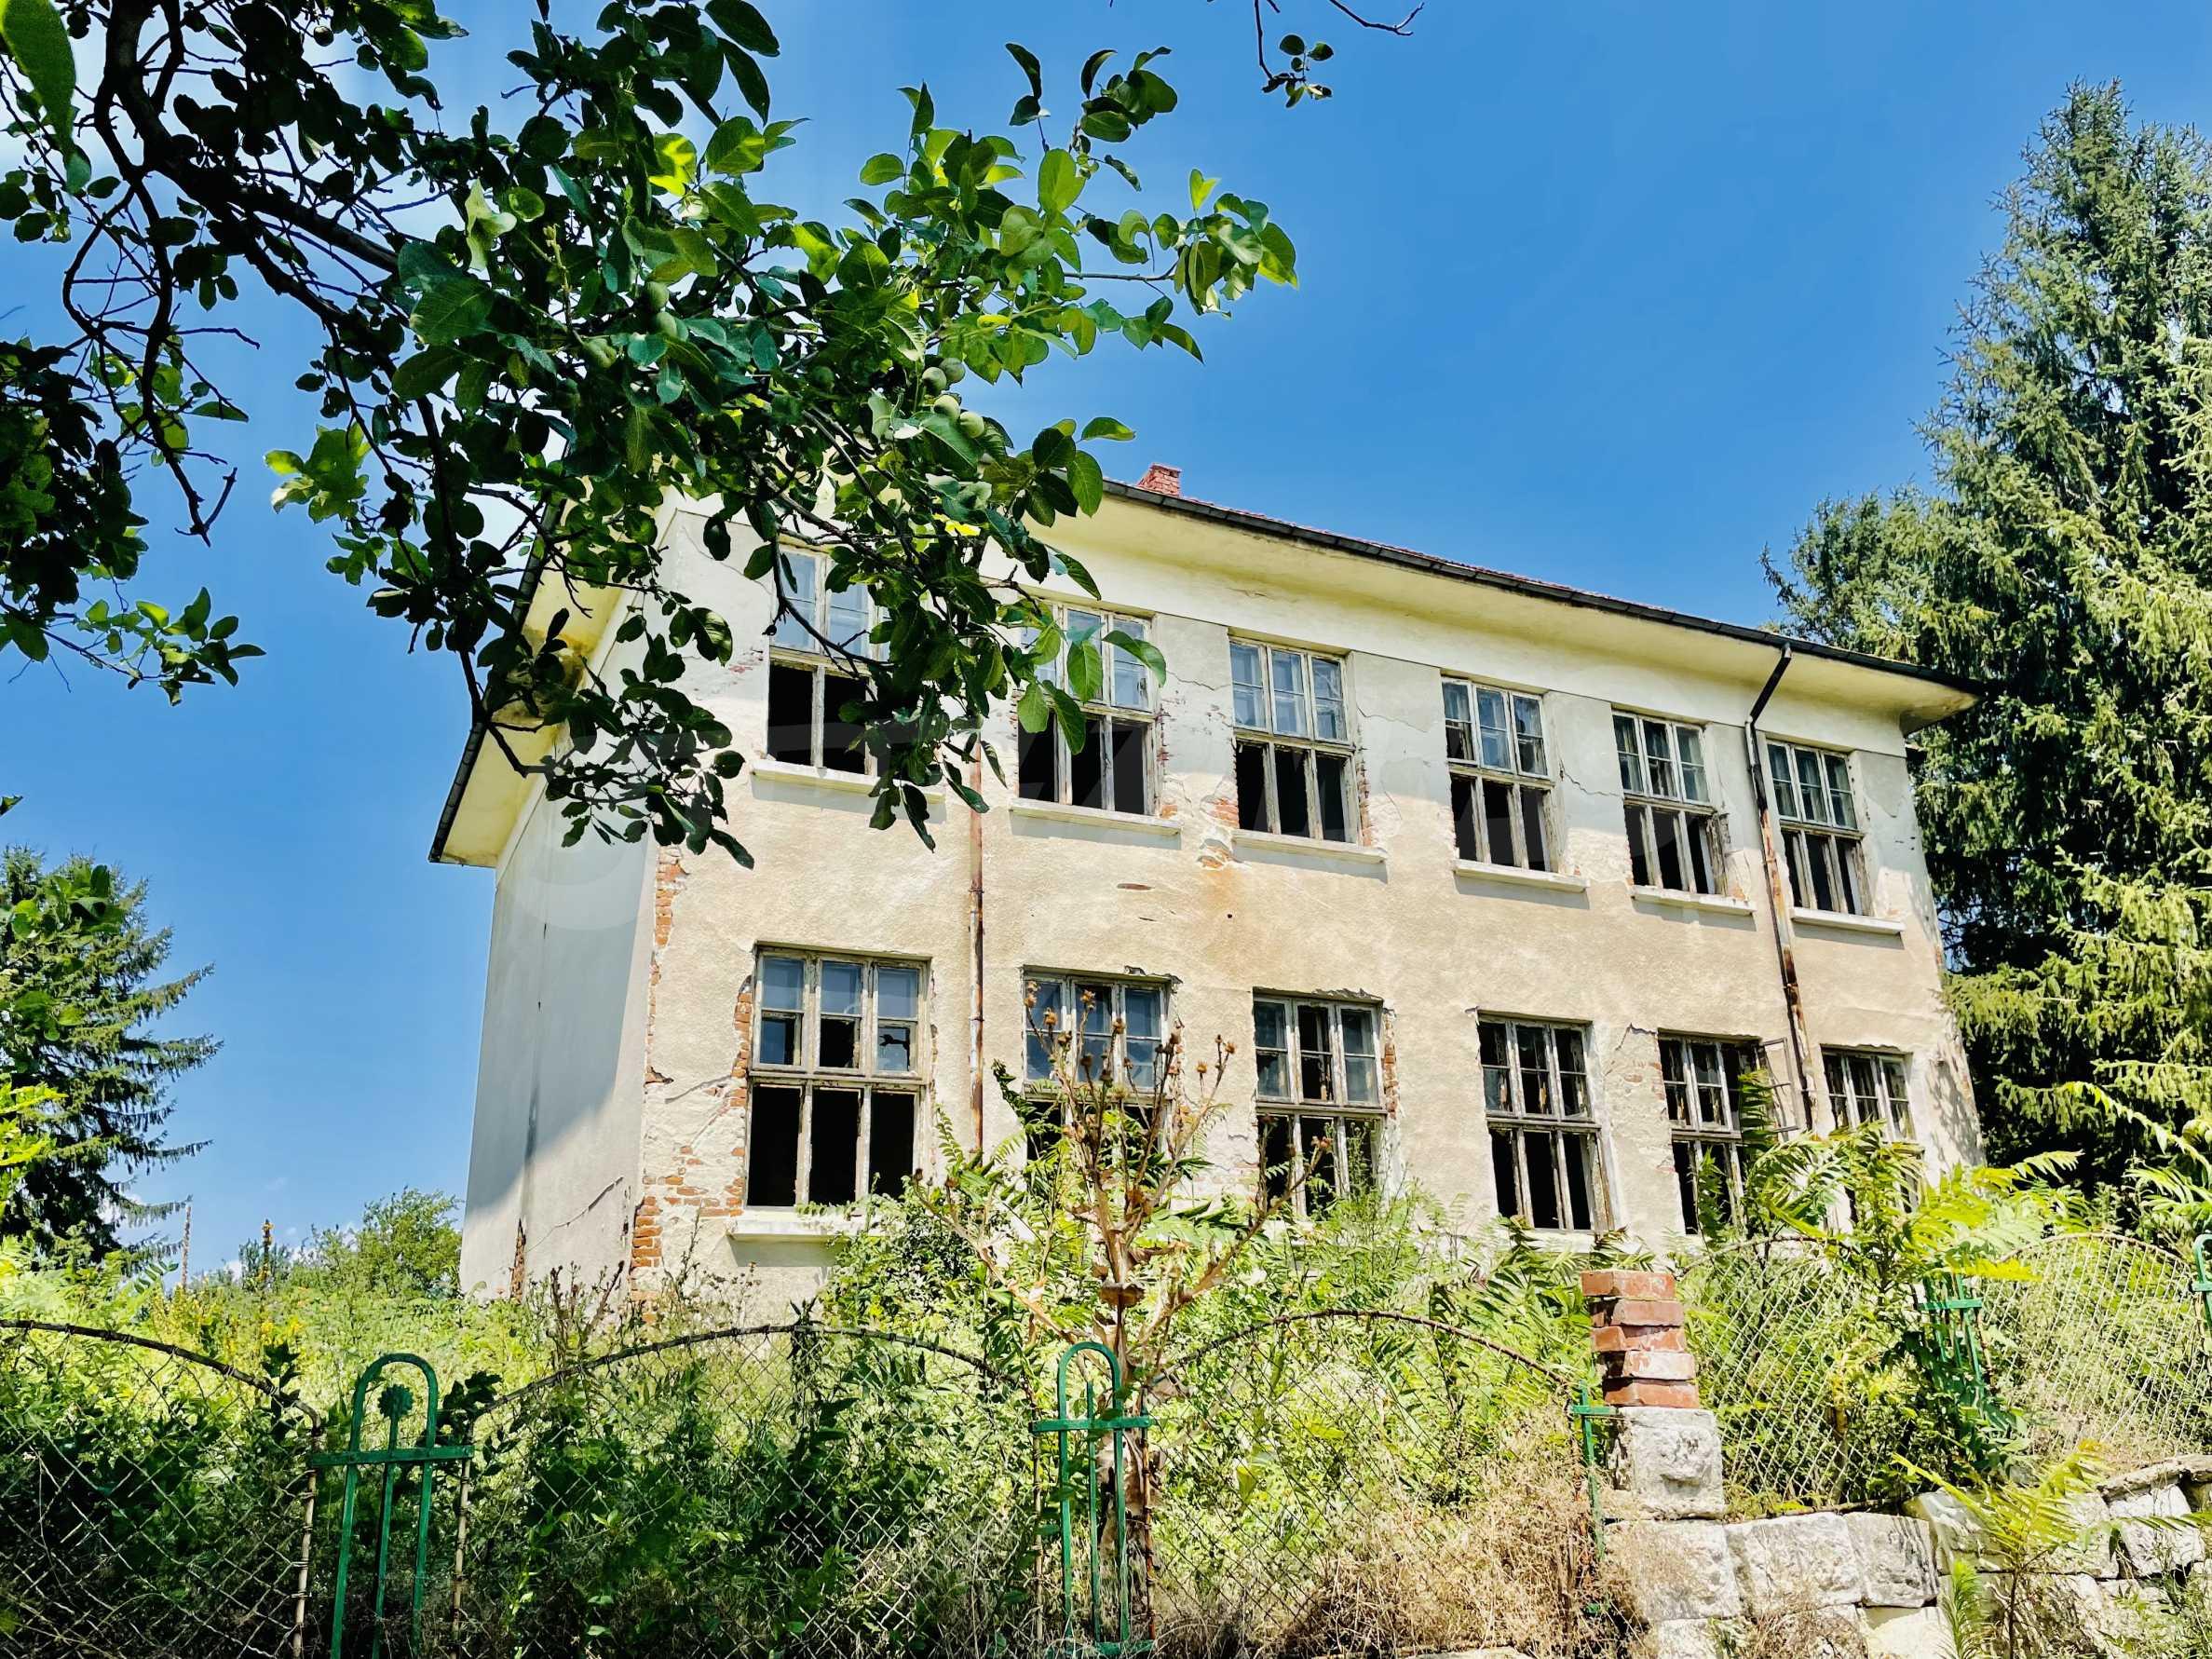 Zwei massive Gebäude auf einem großen Grundstück 35 km von der Stadt Russe und der Donau entfernt 31